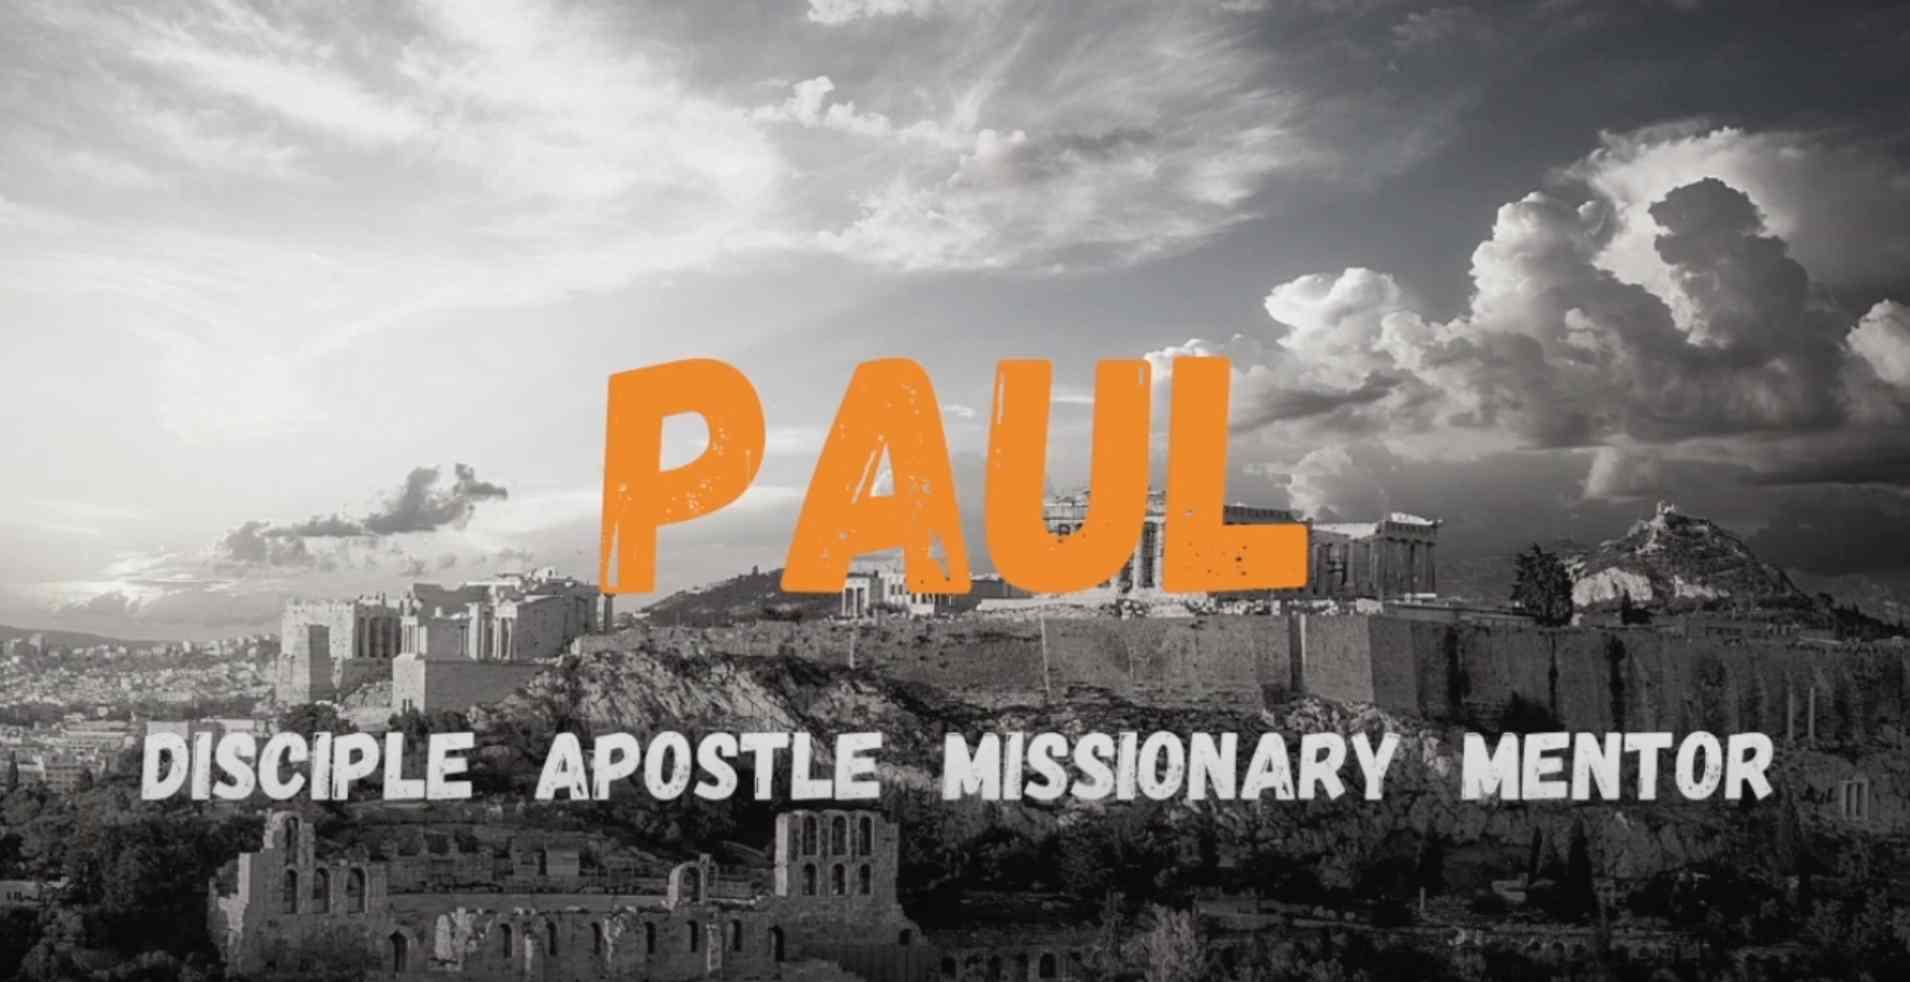 Paul: Part 2